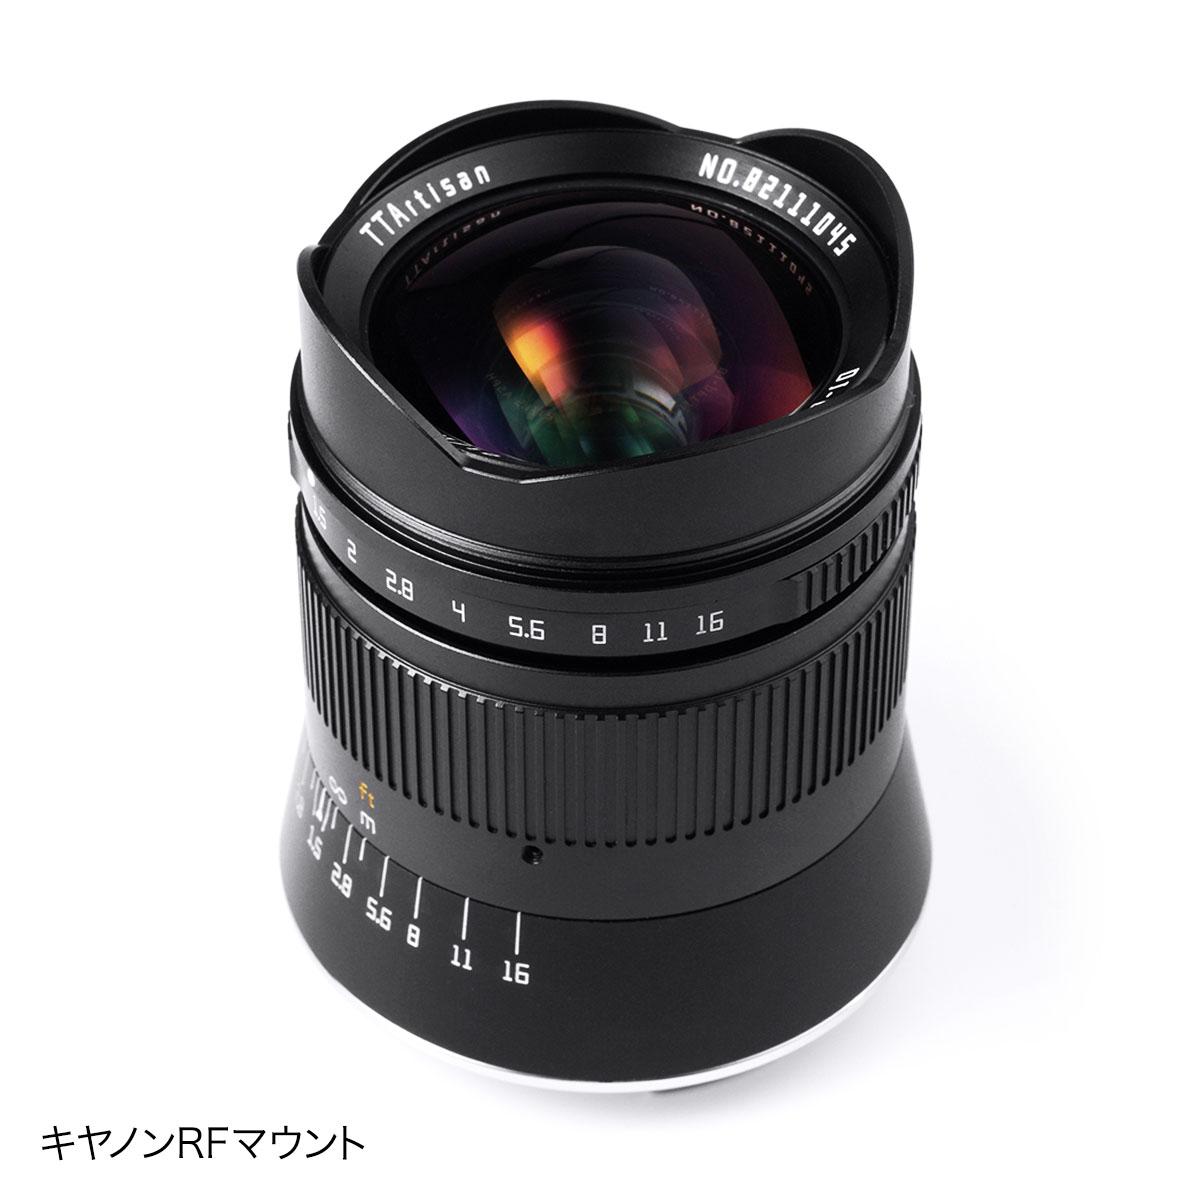 銘匠光学 TTArtisan 21mm f/1.5 ASPH ミラーレス版